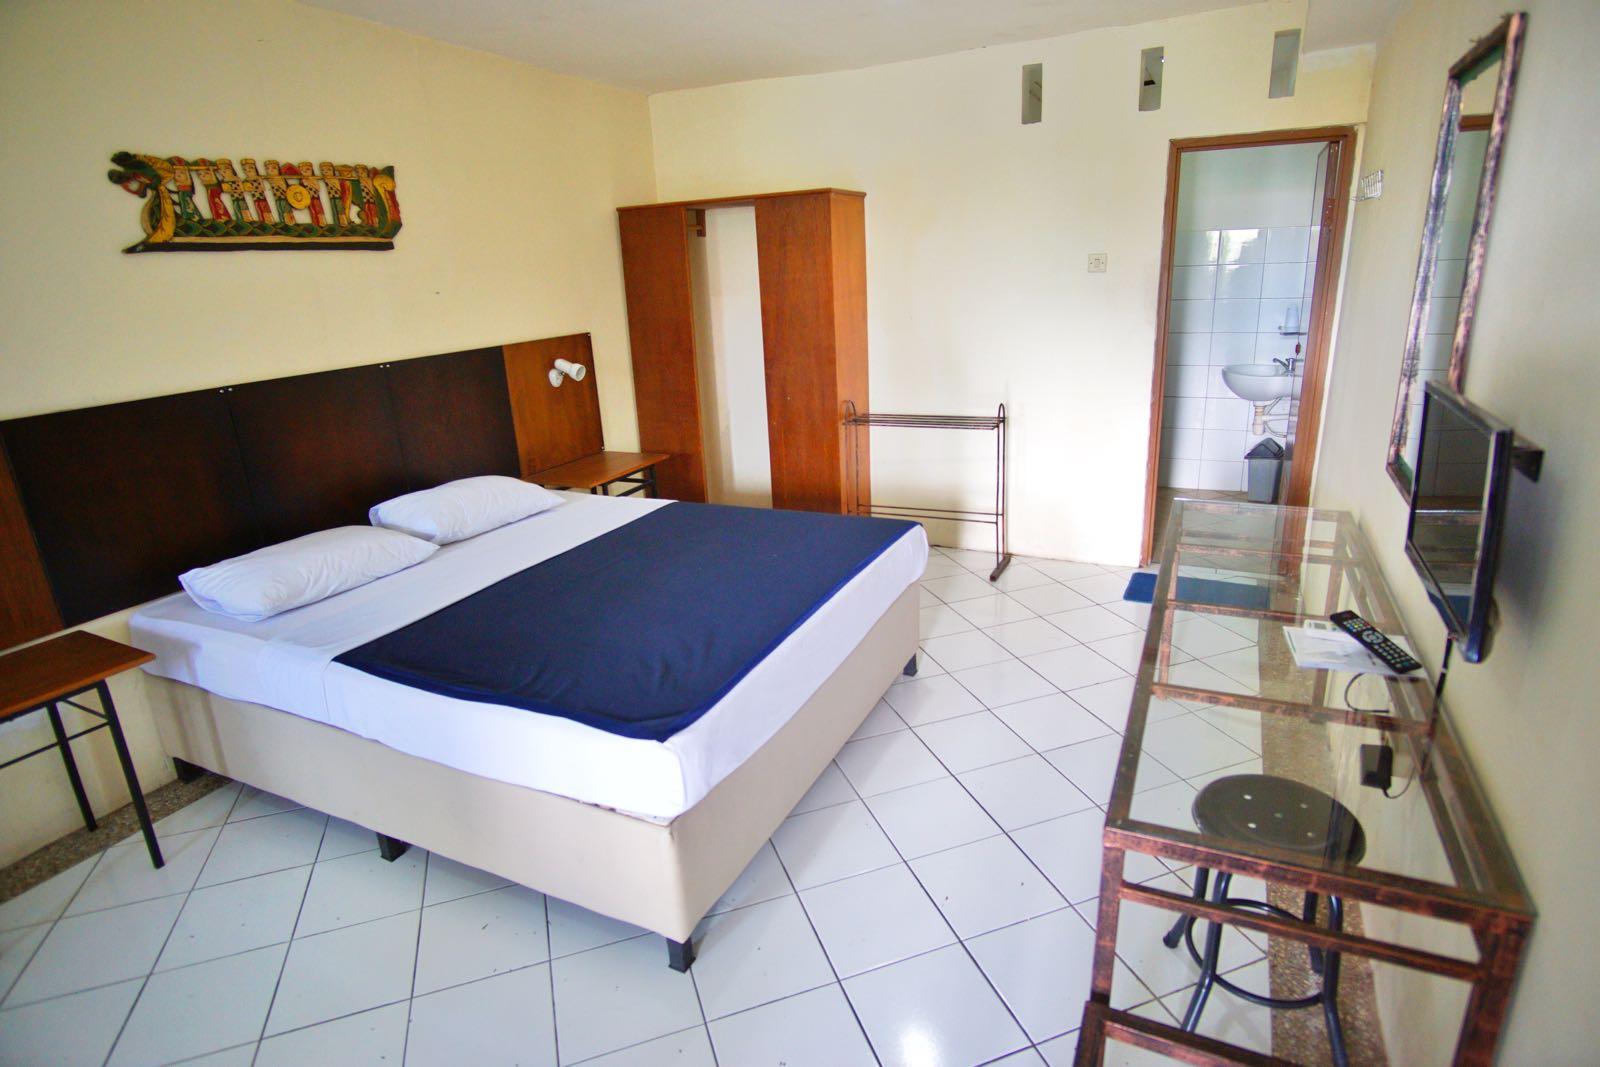 Kamar hotel agusta paling murah di kota Garut